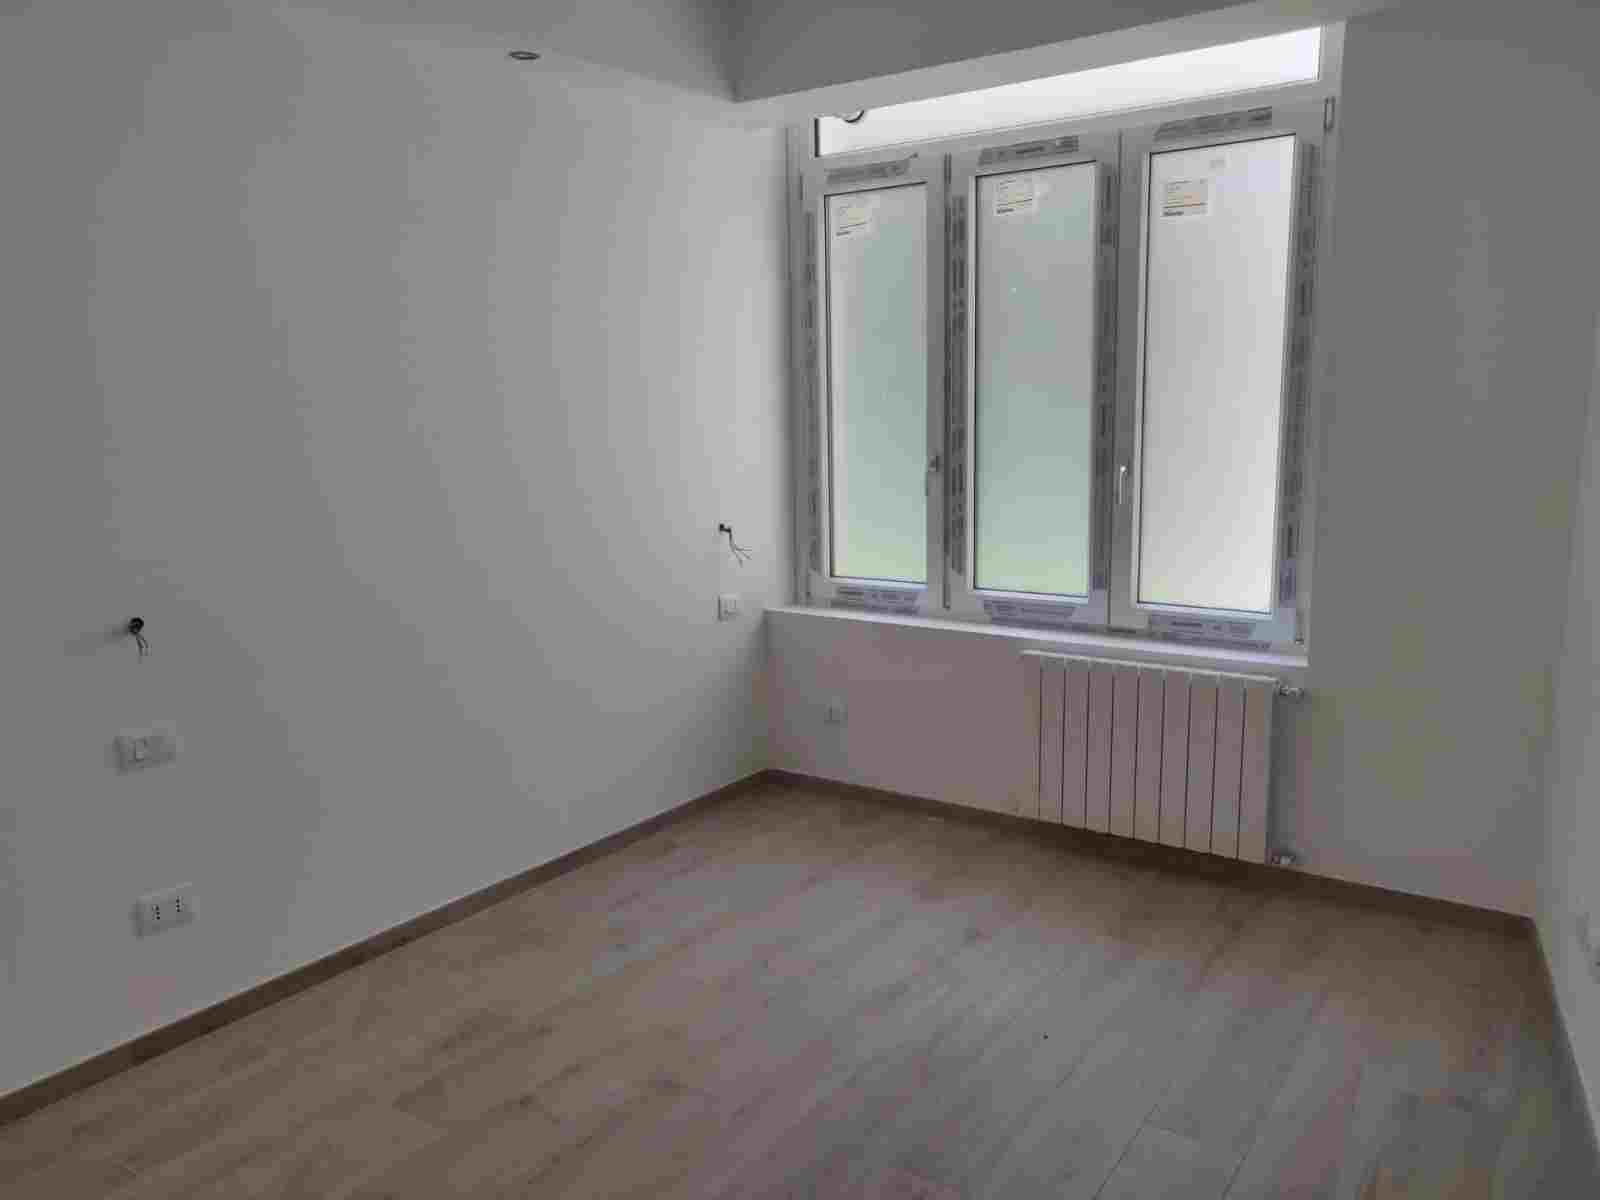 appartamento-in-vendita-baggio-milano-spaziourbano-immobiliare-vende-2-locali-bilocale-4